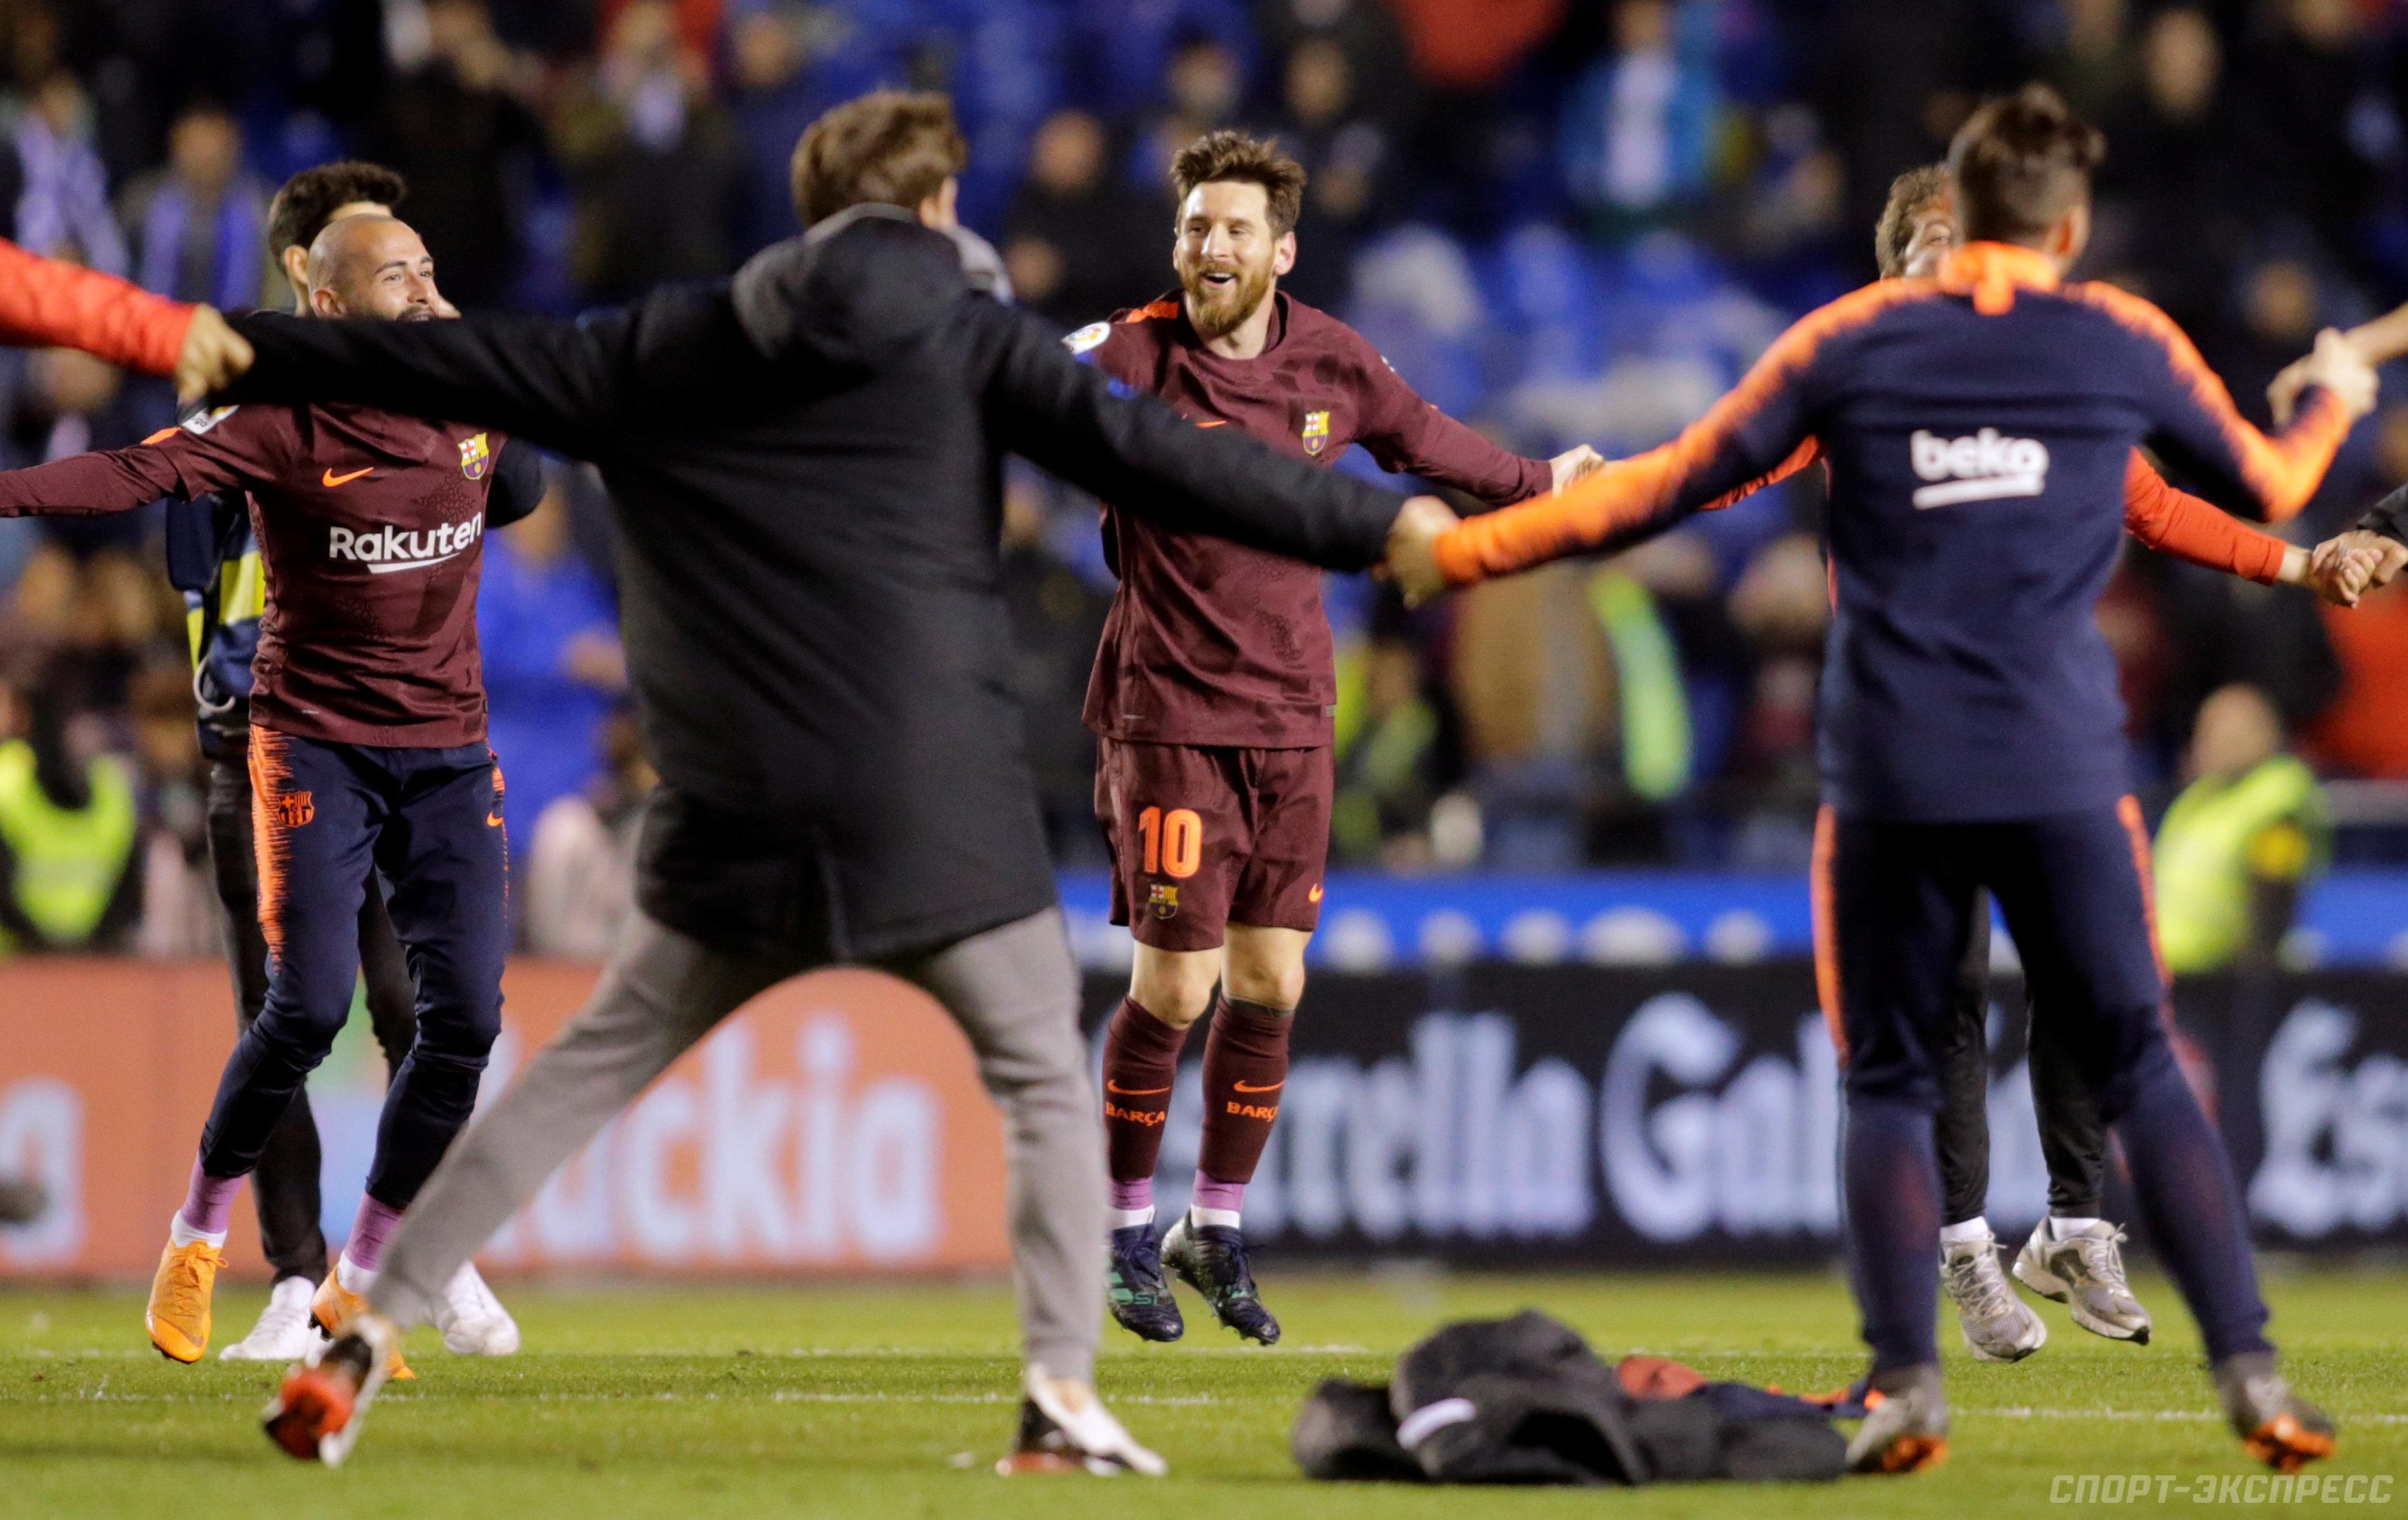 Прогноз на матч Вальядолид - Барселона: гости из Каталонии выиграют с форой -1,5